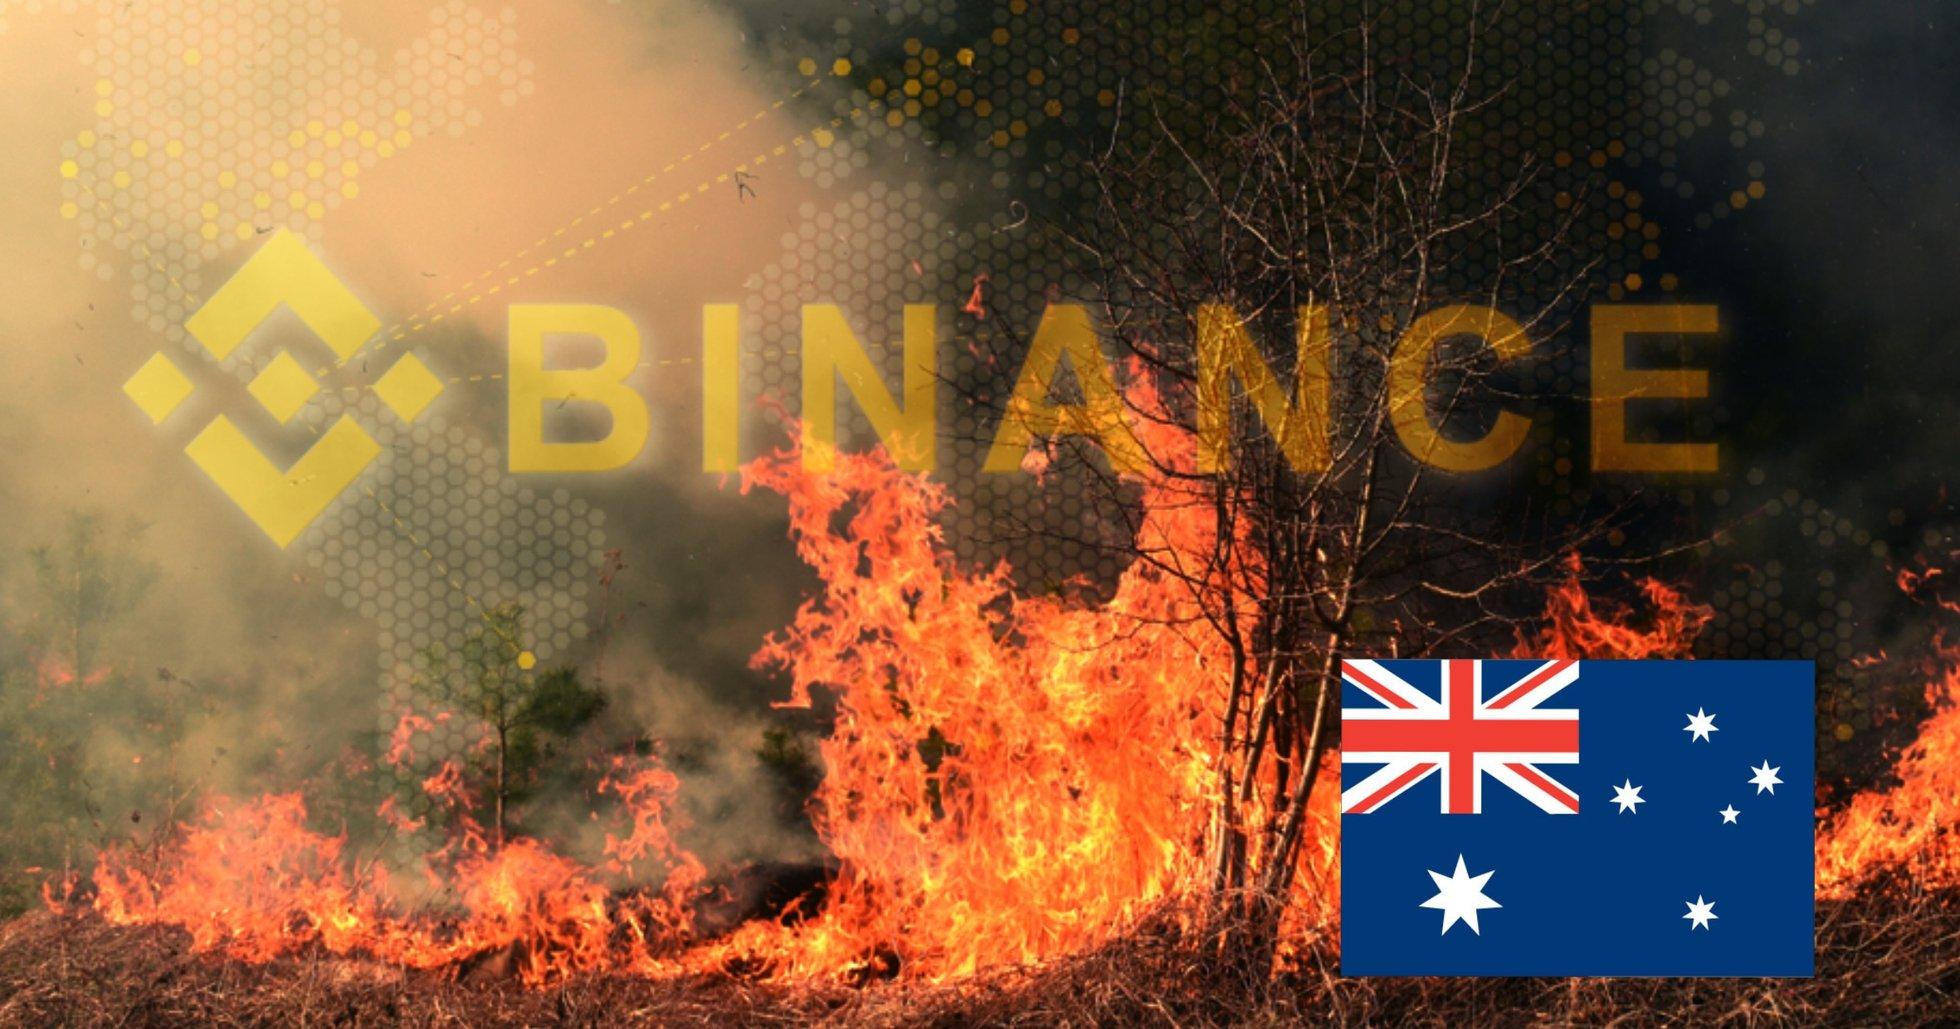 Kryptobörsen skänker en miljon dollar till insatser mot bränderna i Australien